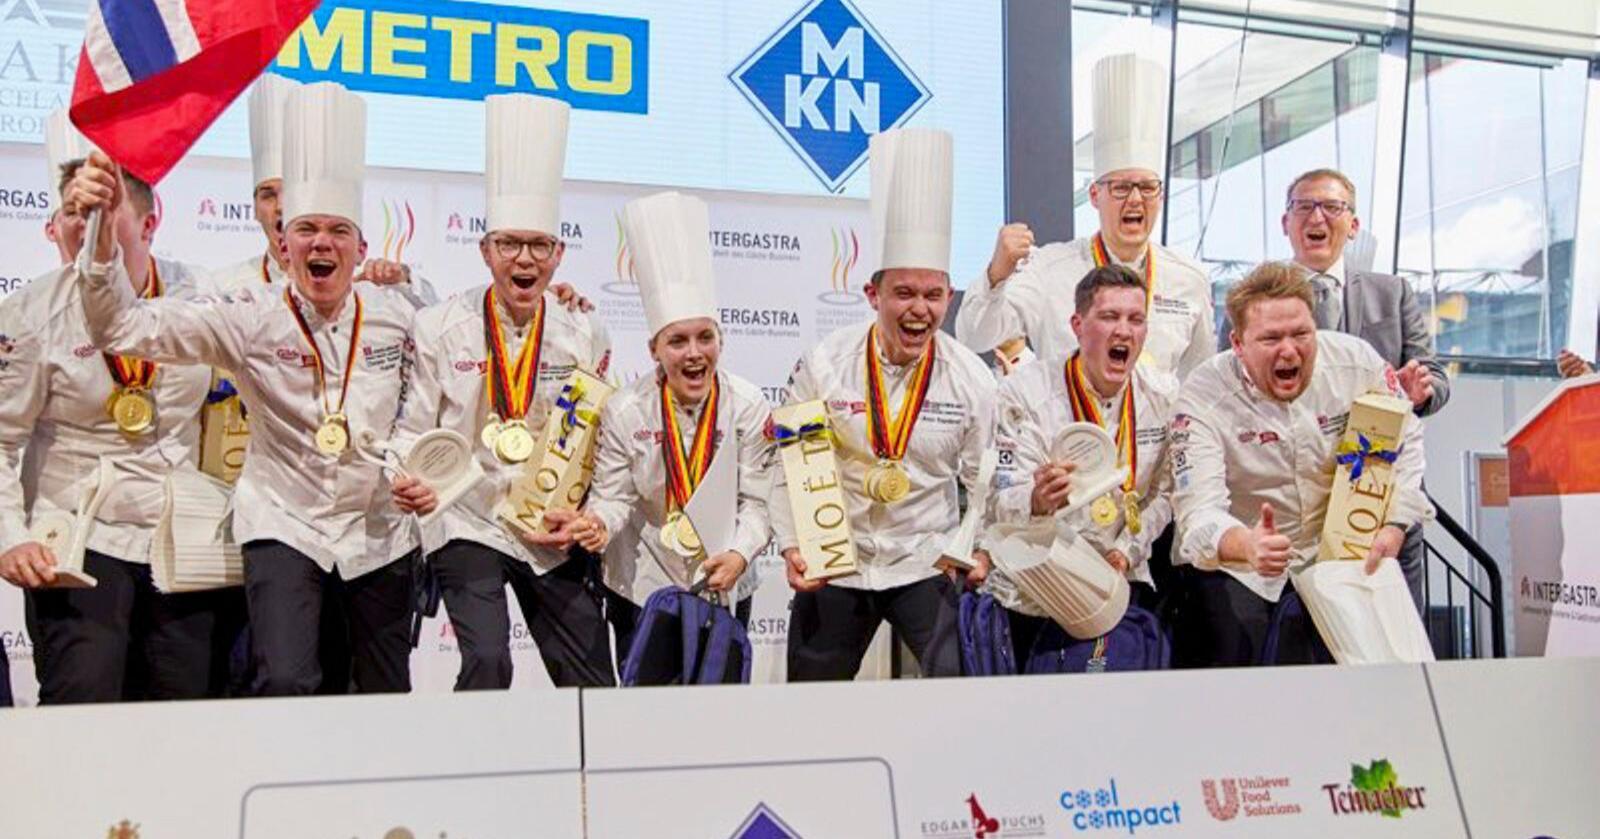 Det norske laget jubler etter at de stakk av med seieren da det 25. Kokke-OL ble arrangert i Stuttgart. Foto: Norske Kokkers Landsforening / NTB scanpix